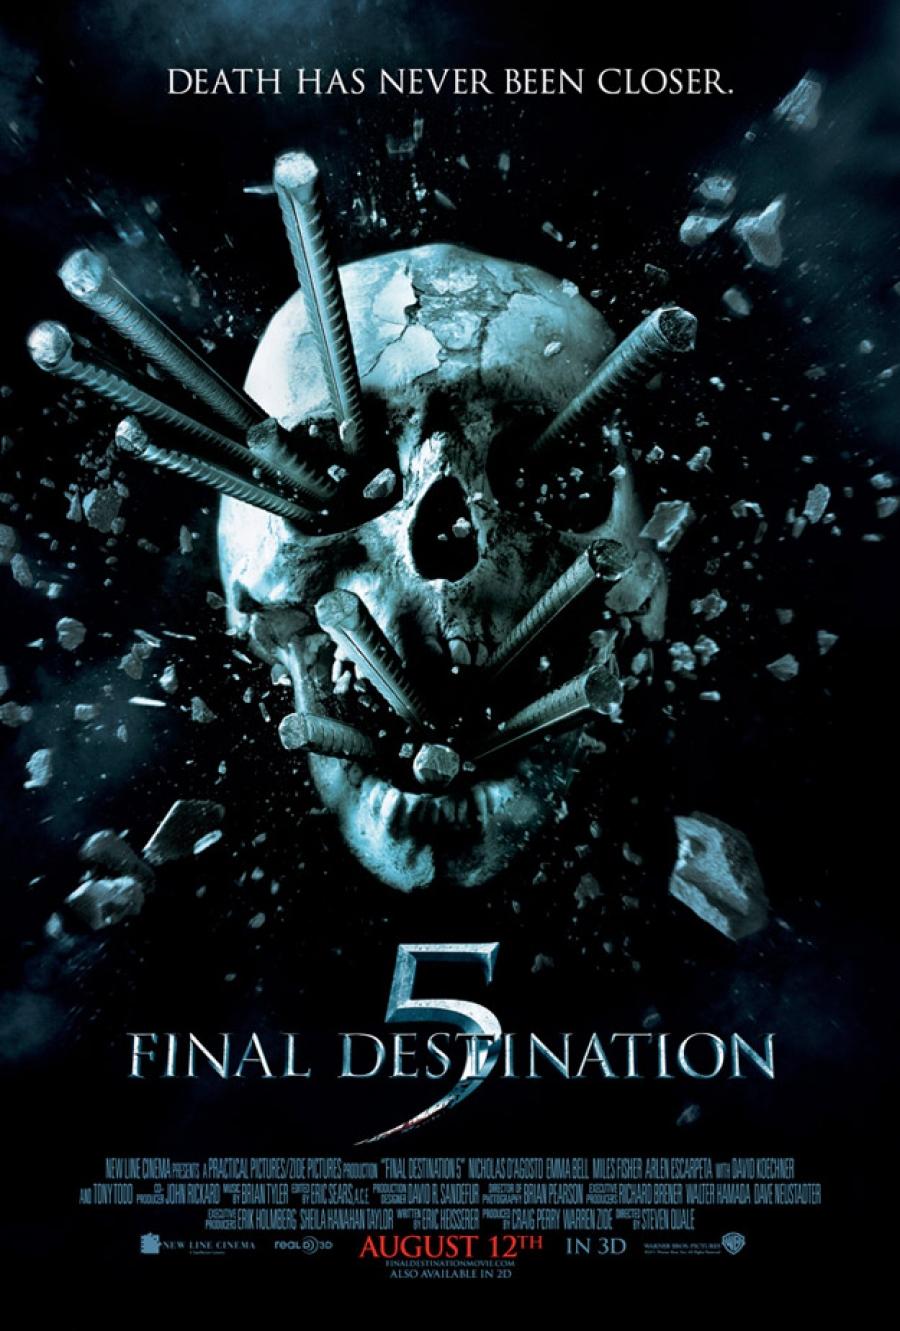 Destino Final 5 Poster_movie_final_destination_5_death_has_never_been_closer